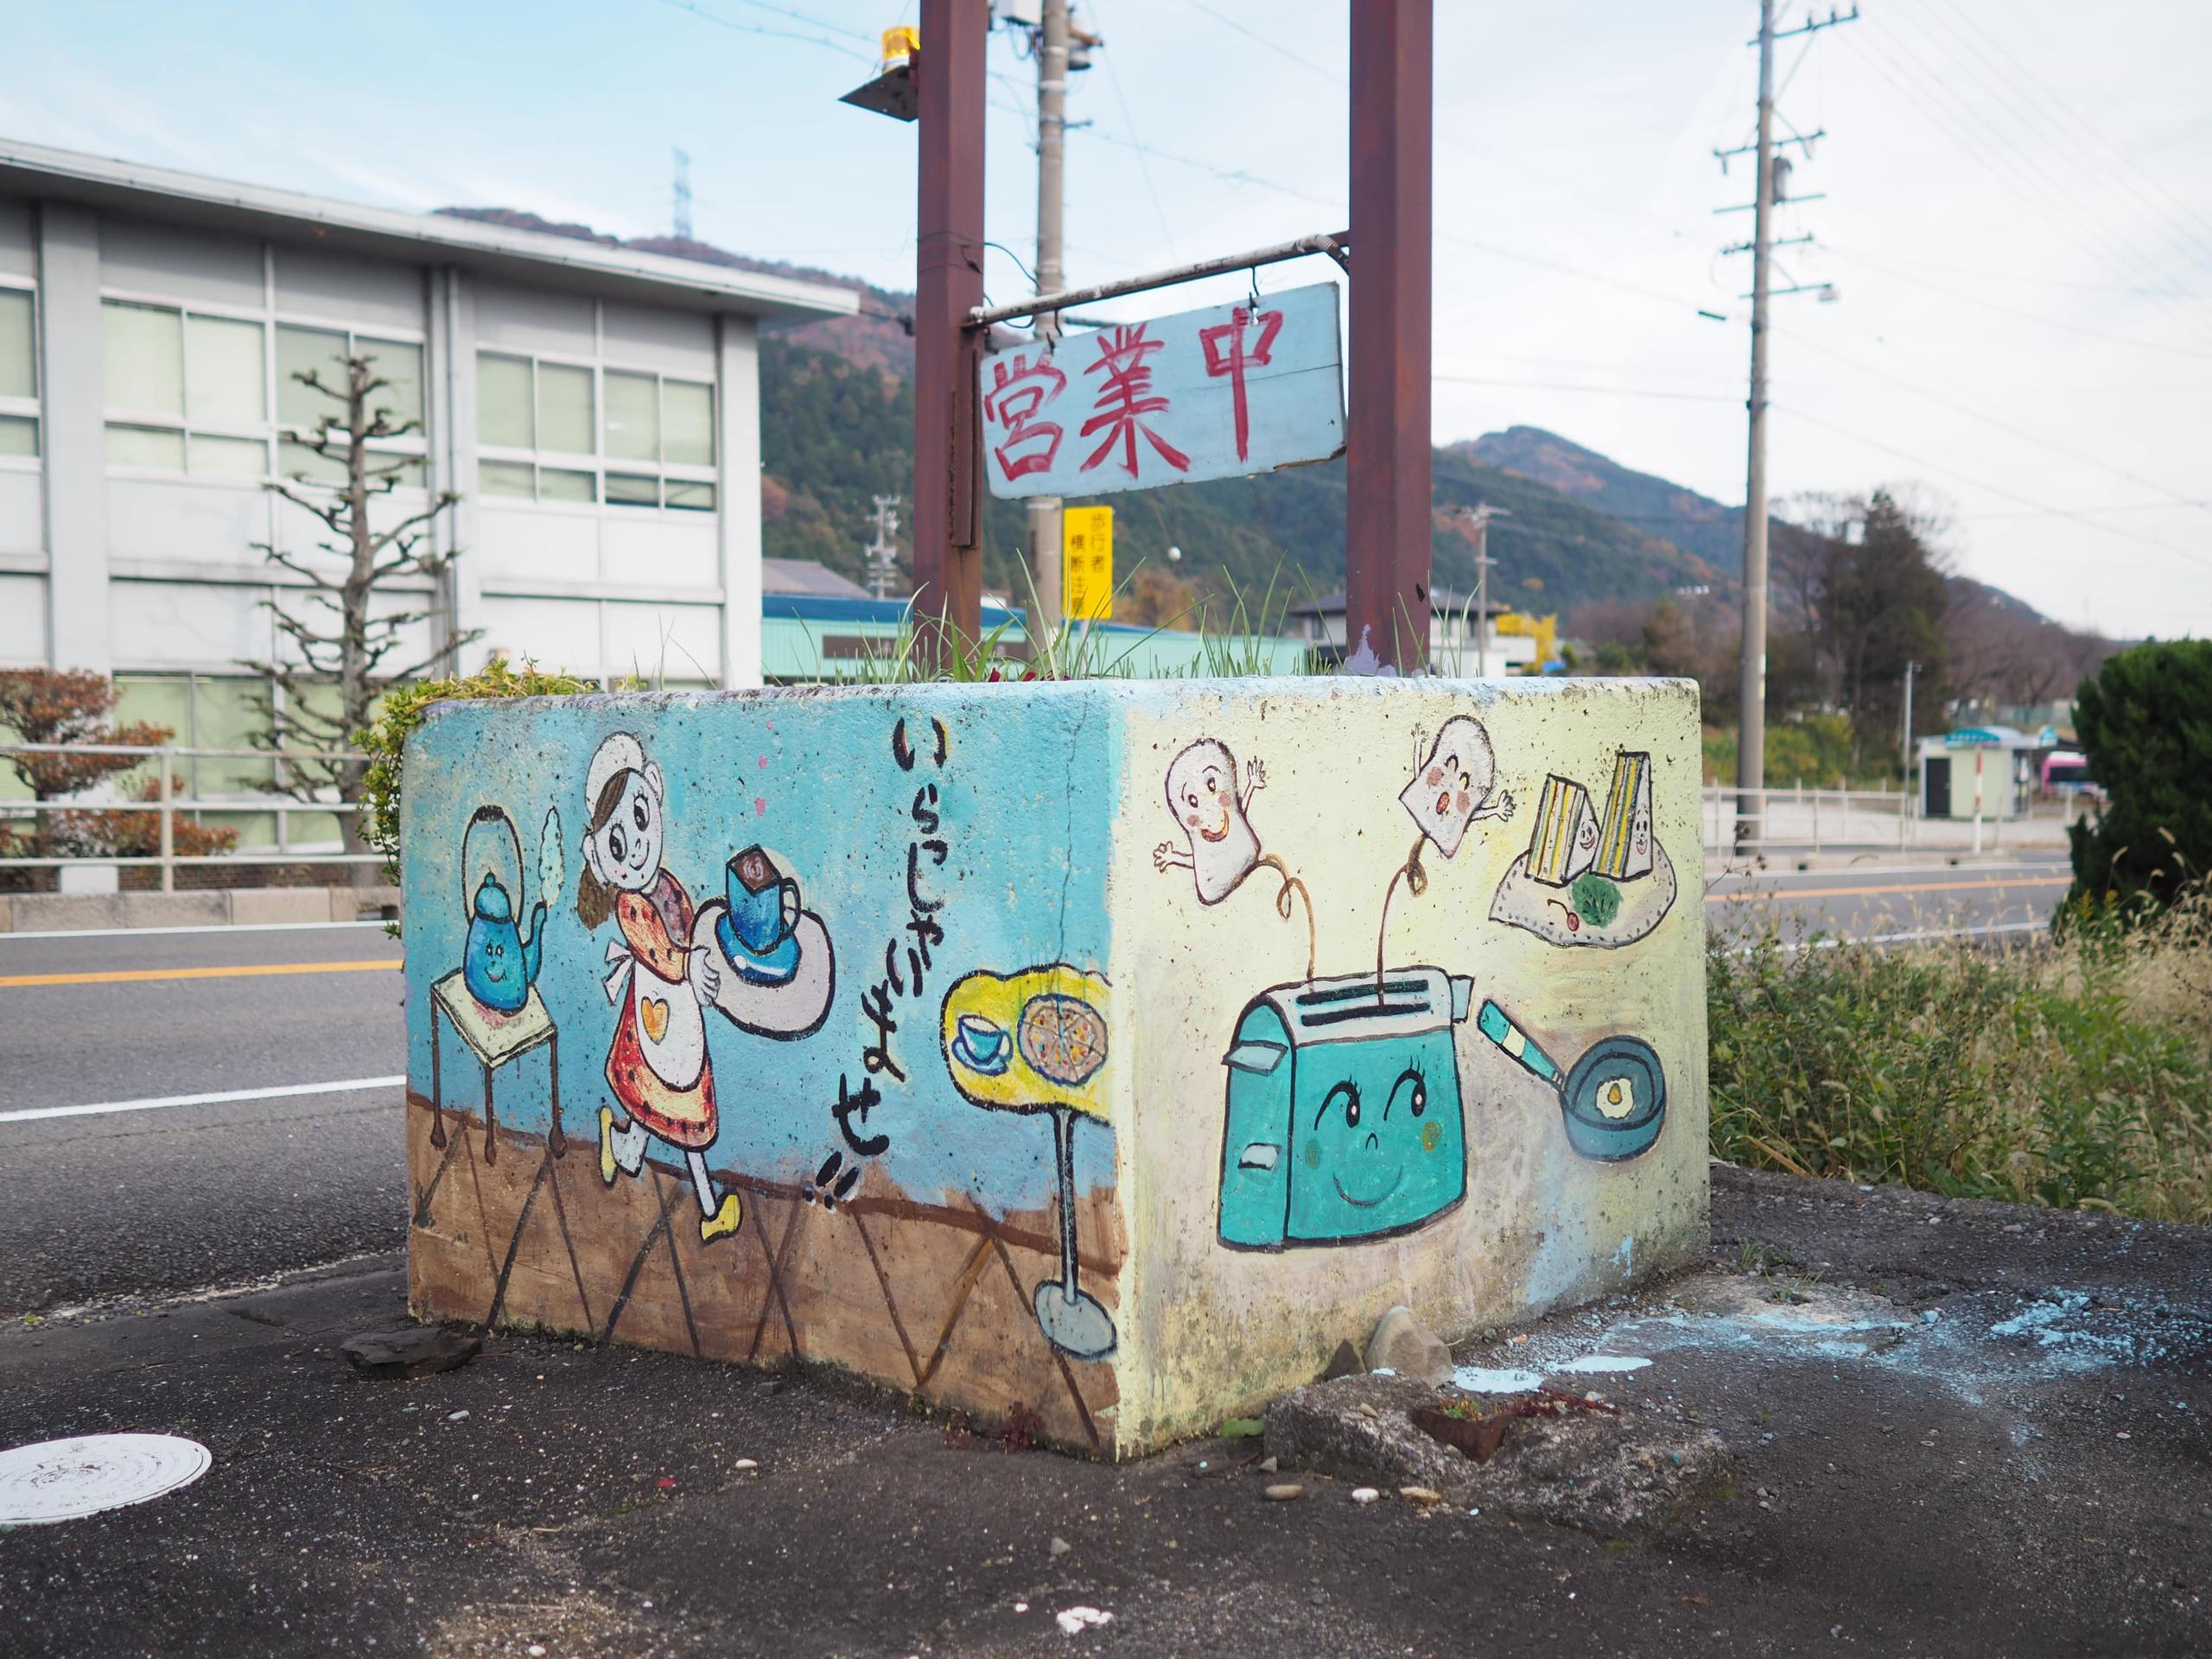 岐阜・大垣市・喫茶軽食仙郷の紹介